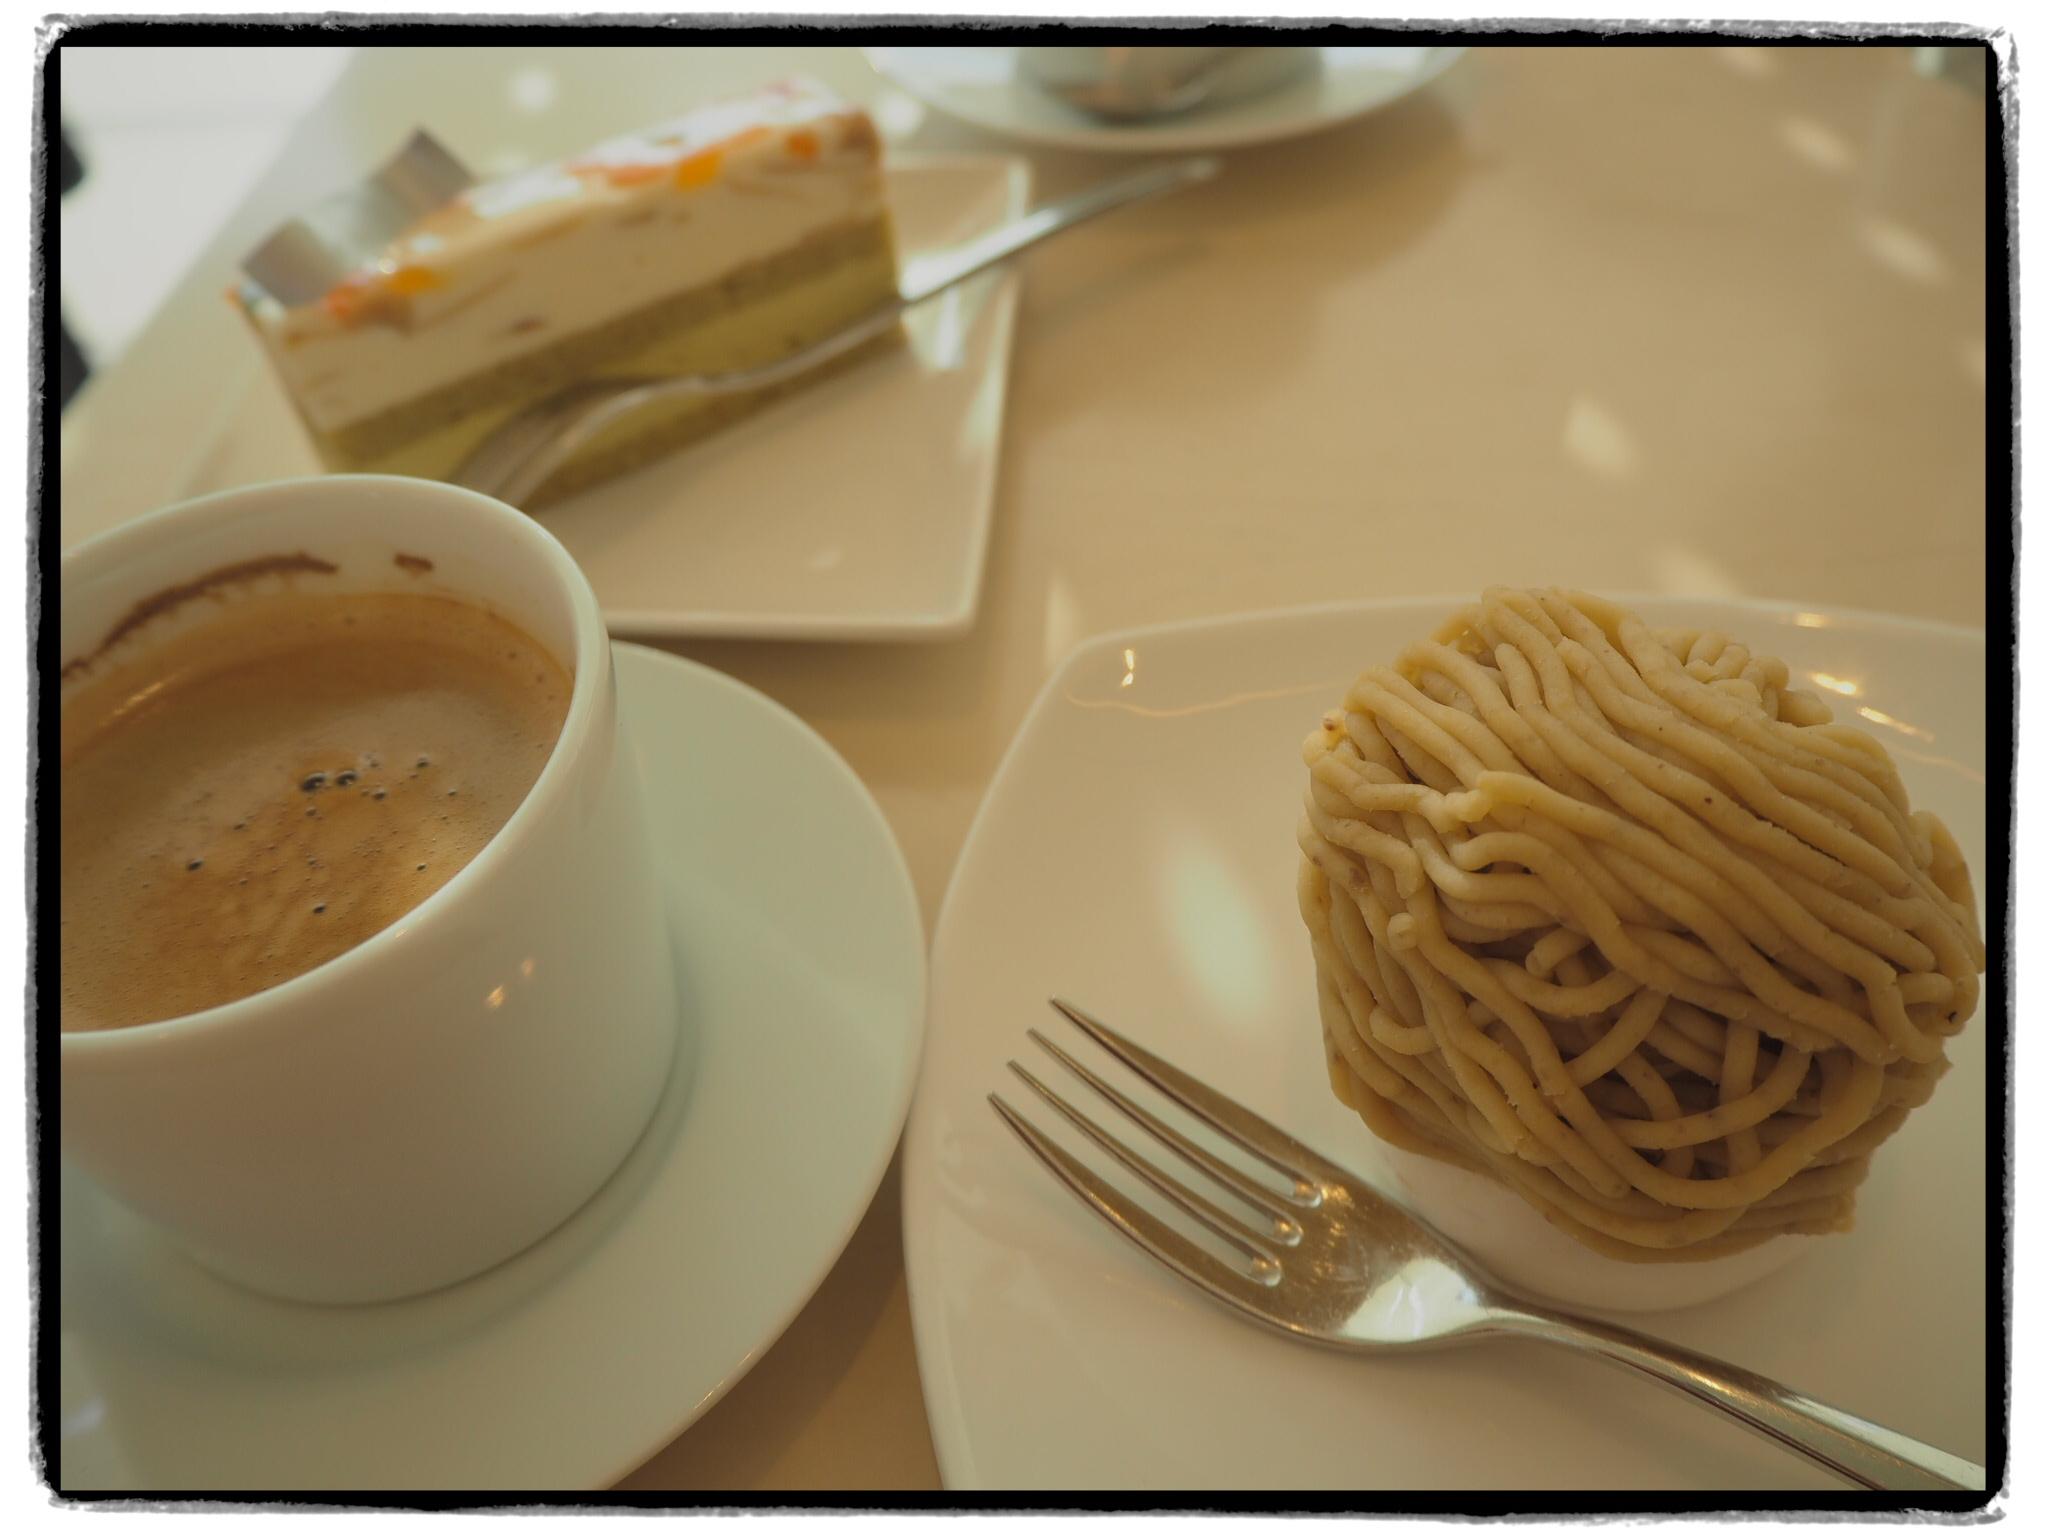 \鎌倉山♪/モンブランが美味しい一軒家カフェ【鎌倉トリップ②】